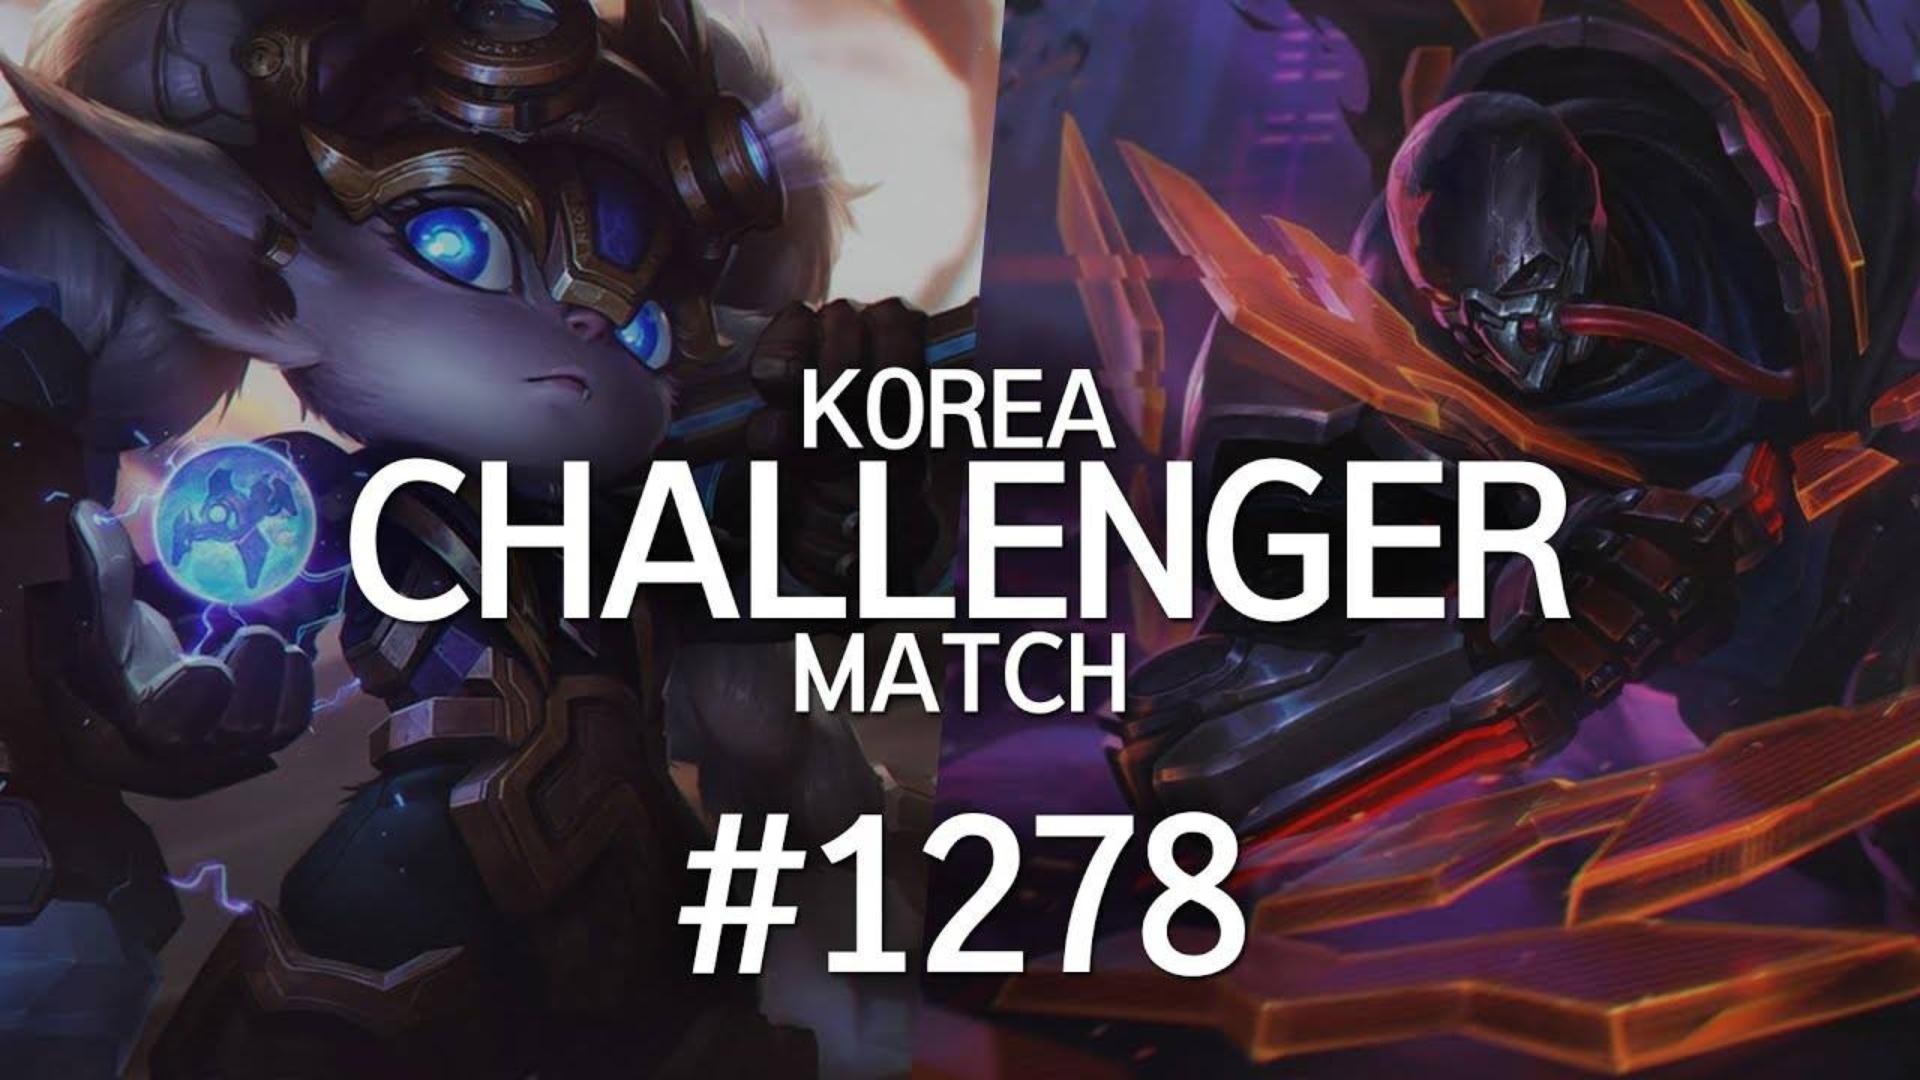 韩服最强王者菁英对决 #1278 | 谢邀,人在xx,感觉良好